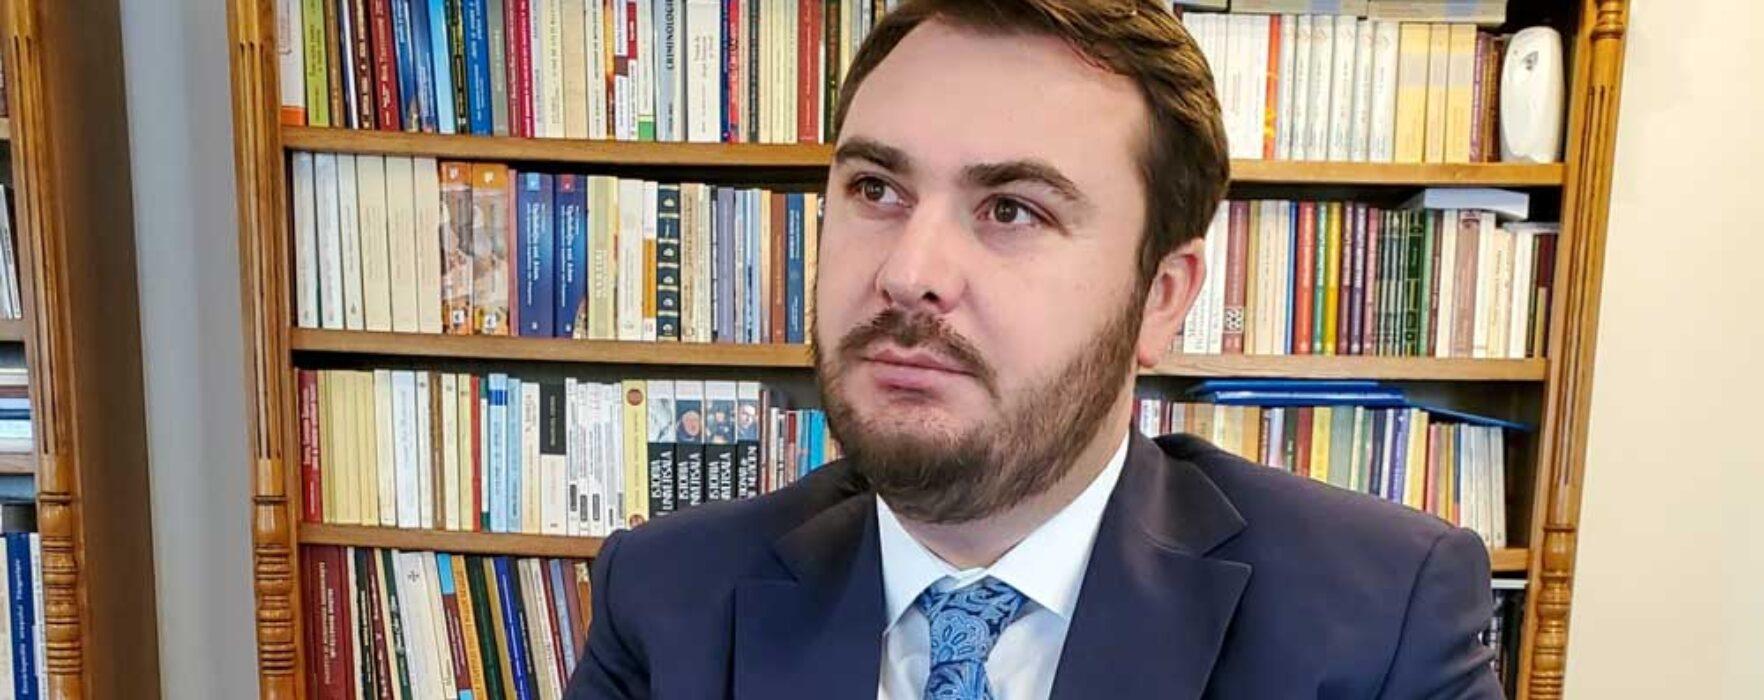 """Vicar eparhial Ionuţ Ghibanu: """"El a construit sau refăcut și mănăstirile? Nu! De ce se laudă cu proiecte care nu-i aparțin?"""""""